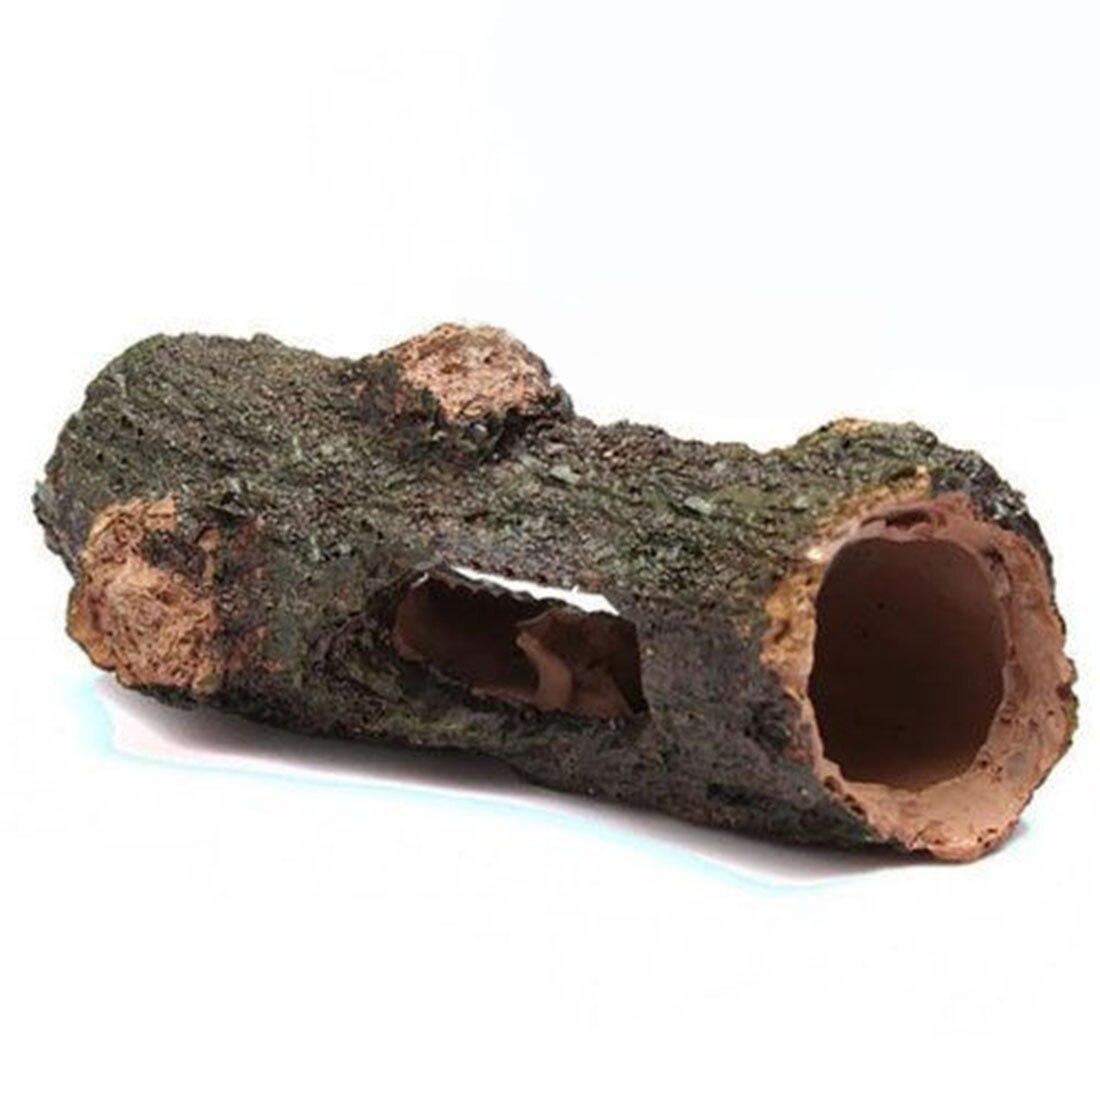 achetez en gros bois tronc en ligne des grossistes bois. Black Bedroom Furniture Sets. Home Design Ideas